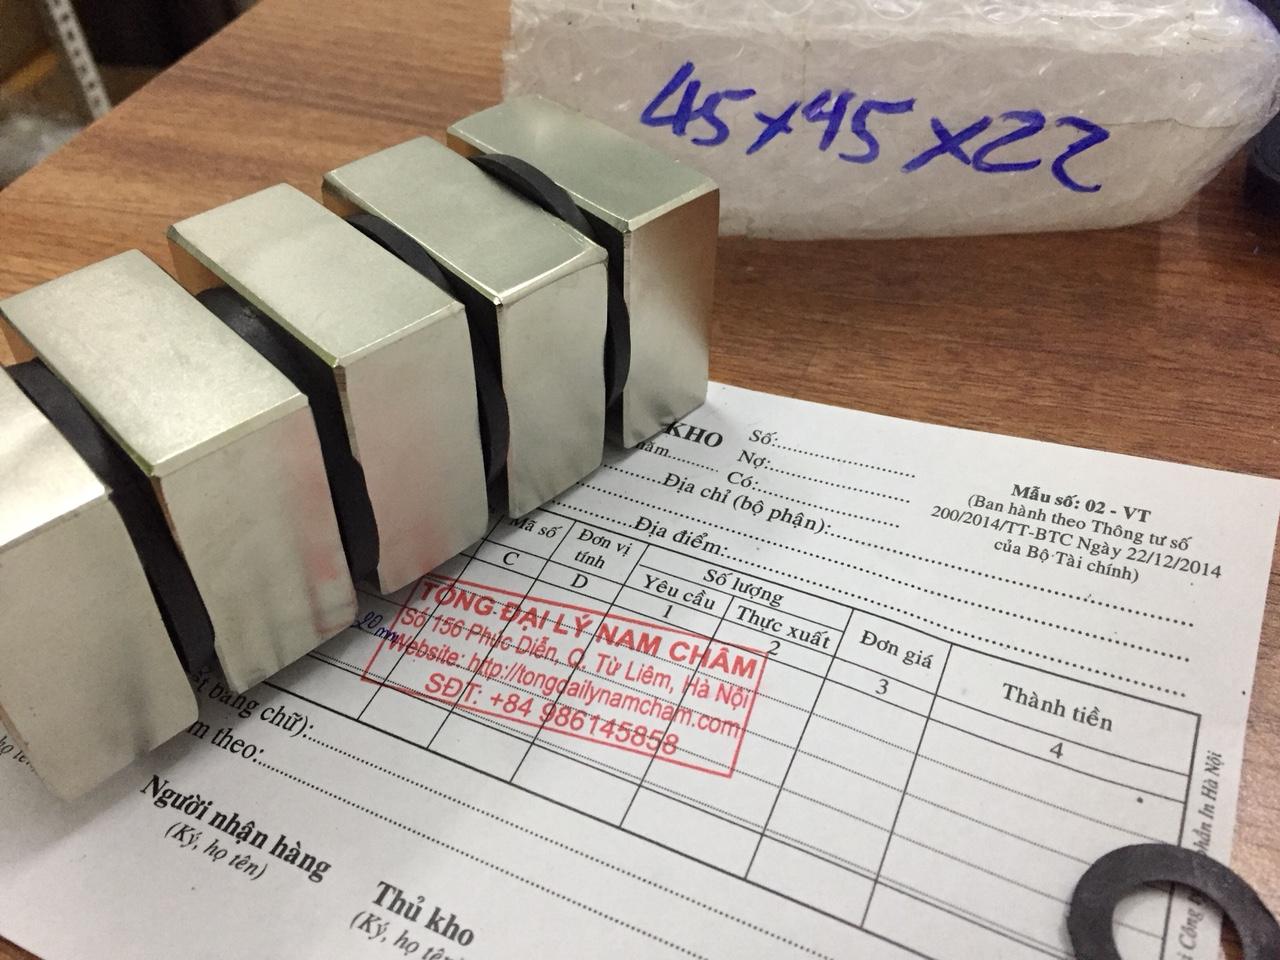 Nam châm mạnh siêu cường 45x45x22mm